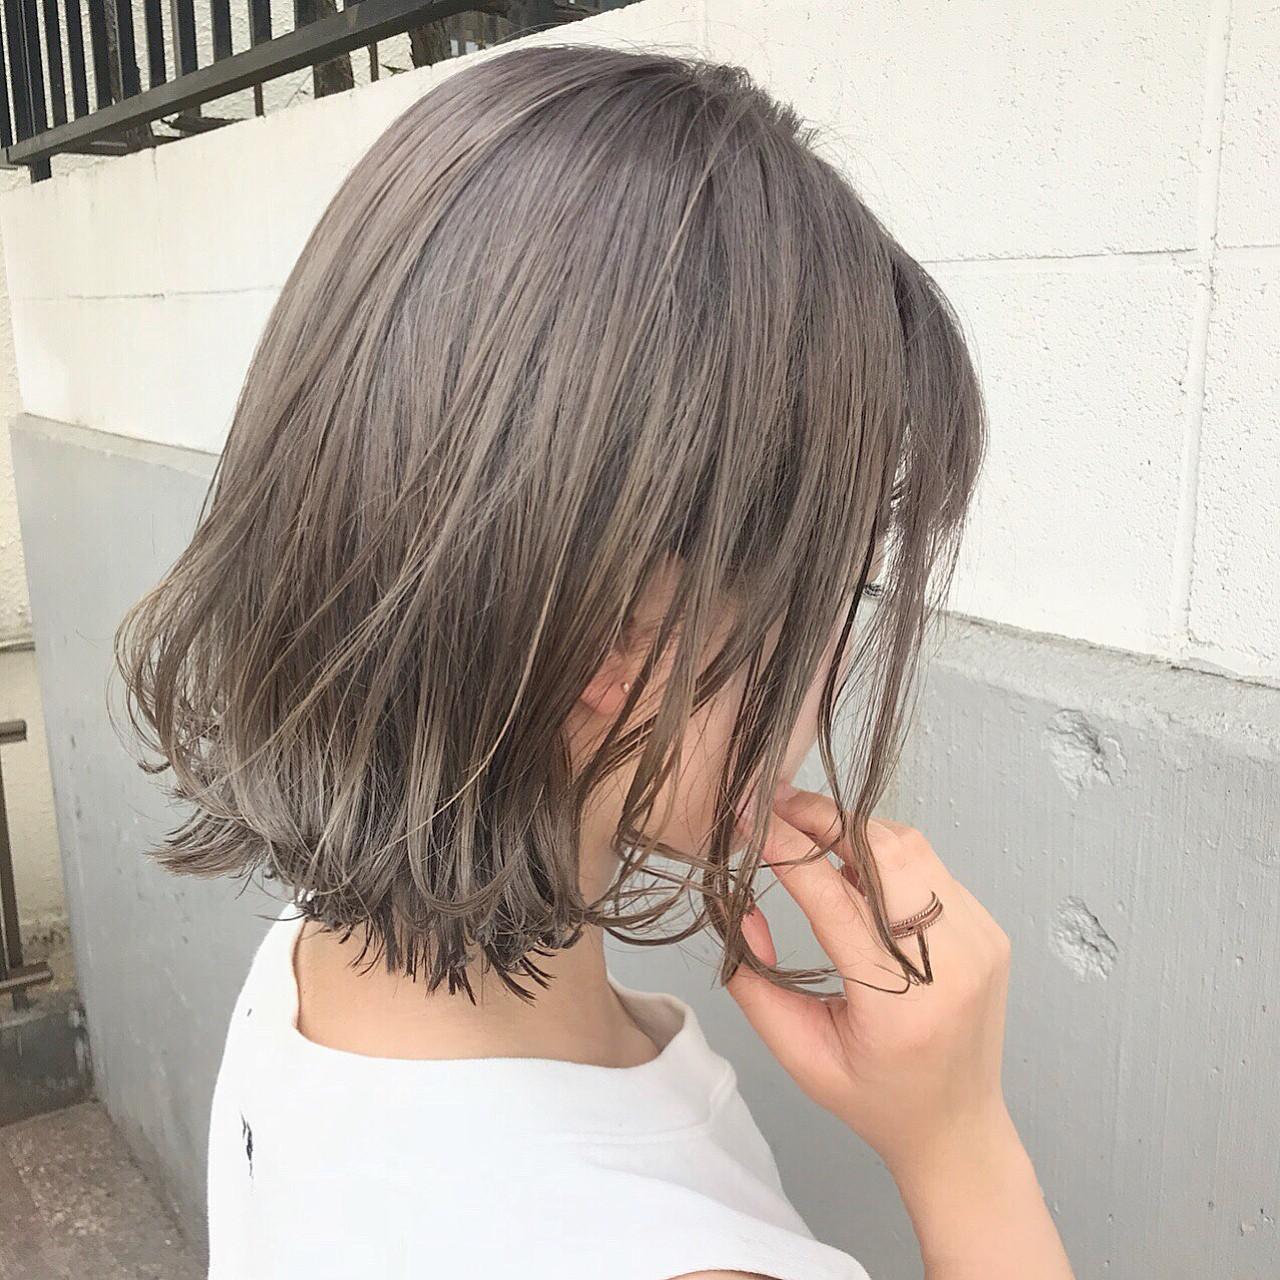 #パールアッシュ . . パールのような柔らかさを✨ 美しい髪色はおしゃれ感をぐっと引き立てます! . 最近は毎日Instagram、ブログをみてのDMを沢山いただけていて本当に感謝です♫ . 全国から初めてのご来店のお客様が多くてめちゃ嬉しい^ ^ . ご期待以上の仕上がりを目指して日々努力と工夫をしていきます^ - ^ . ぜひご相談ください!! ご来店からに2時間後にはドラマチックに変えた貴方をお見せします^ ^ . . ◼️春夏のhairチェンジお任せください♫素敵に可愛くします^ ^ご連絡ぜひお待ちしてますね(^^) . 担当 公式クリッパー 【落合健二】Cchannelでの 《ちょこっと変化で可愛くなろう♫1分でできちゃう!簡単ヘアアレンジ!の動画達はこちら》 ??? https://www.cchan.tv/clipper/796121/  公式LINEブロガー ??? https://lineblog.me/ochiai_kenji/  ぜひ落合に髪をやってもらいたい方、 ご予約やご相談、お仕事のご依頼、ご質問、等ありましたら、DMまたはLINEにてご連絡お待ちしてますね☆ . . 24時間ご予約うけたまわってます! LINEメッセージにて下記をお知らせください . 1.予約したい日にち . 2.予約したい時間 . 3.メニュー . 4.お名前 . 空き状況を確認して必ず返信させて頂きます(^ー^) . 絶対に可愛くします!!#スモーキーアッシュ #haircolor #アッシュグレー #インナーカラー #内巻き #バレイアージュ #イメチェン #ショートボブ #ボブ #ハイトーンカラー #ダブルカラー #美容学生 #サロンモデル募集 #ポニーテール #ファッション #髪型 #ラベンダーカラー #美容 #ヘアアクセサリー #ブロンド #くるりんぱ #ルーズアレンジ #ヘアアレンジ動画 #スタイリング動画 #波巻き #波ウェーブ #お団子ヘア #ピンクアッシュ #ピンクグラデーション